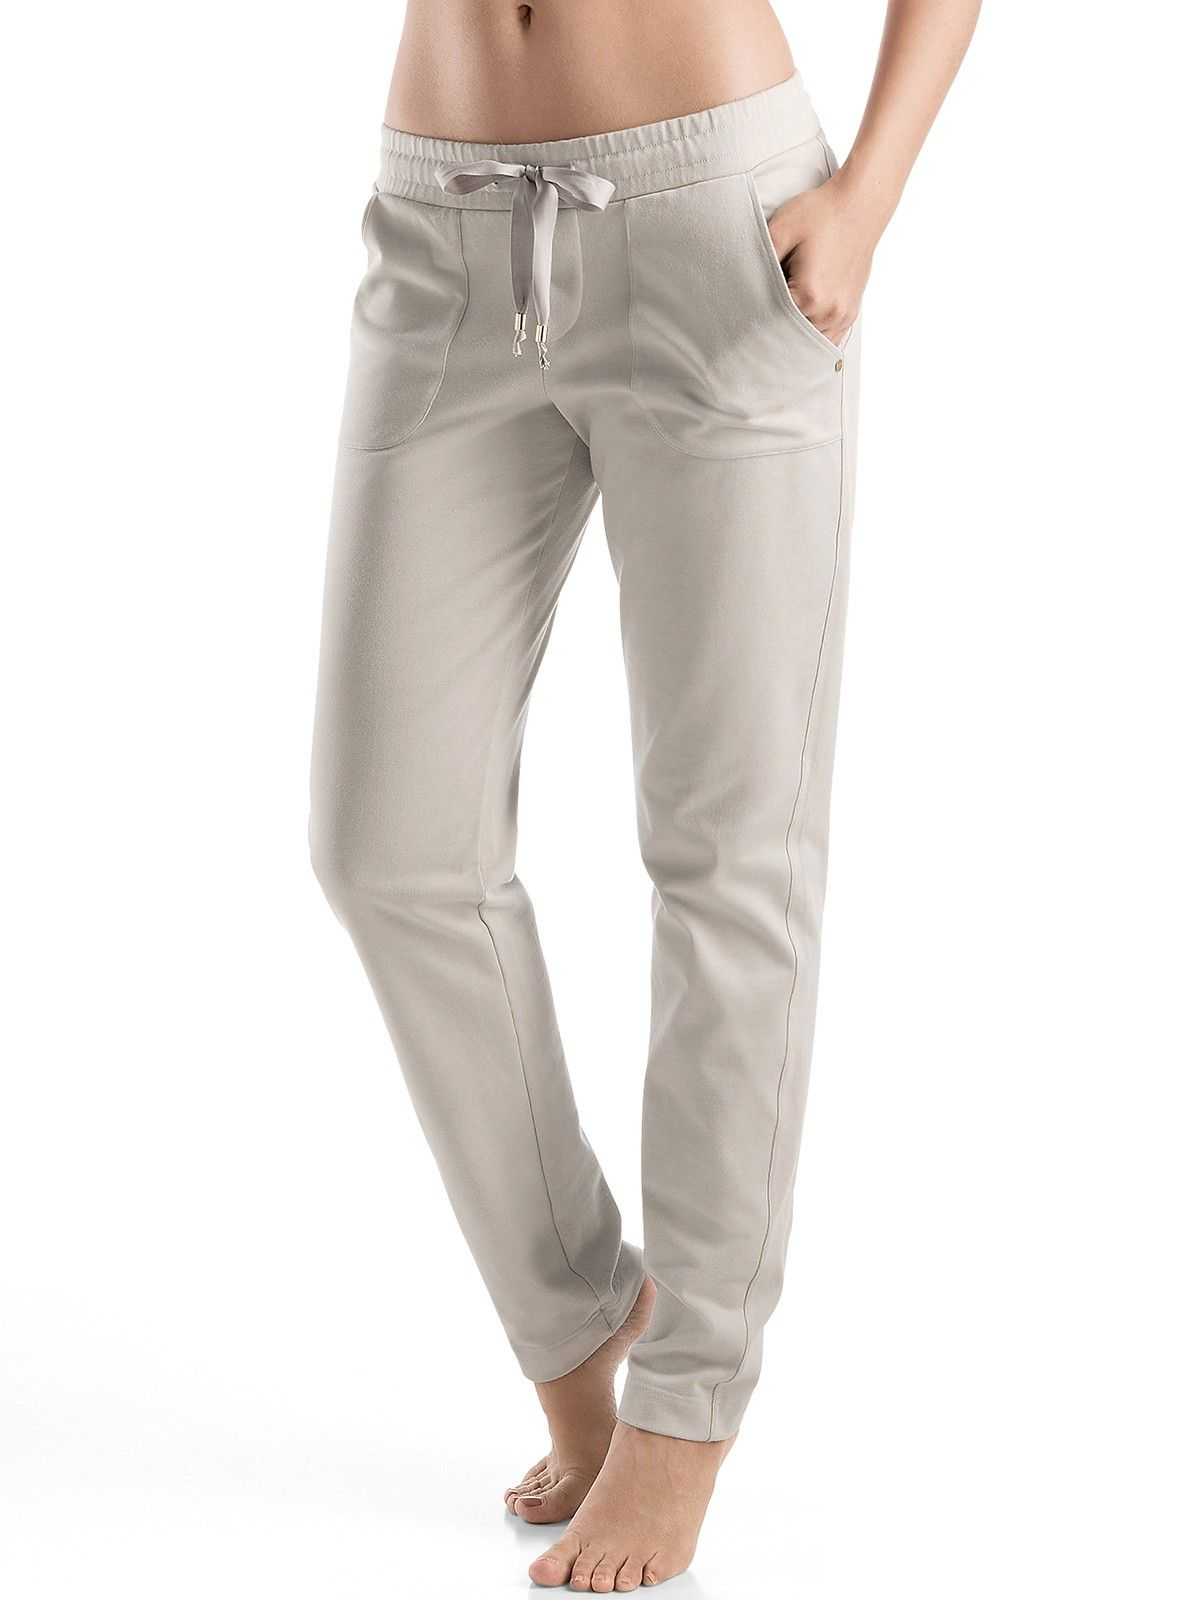 Just Girly Thingz Pajama/Jogger Pants mlNxyDd6